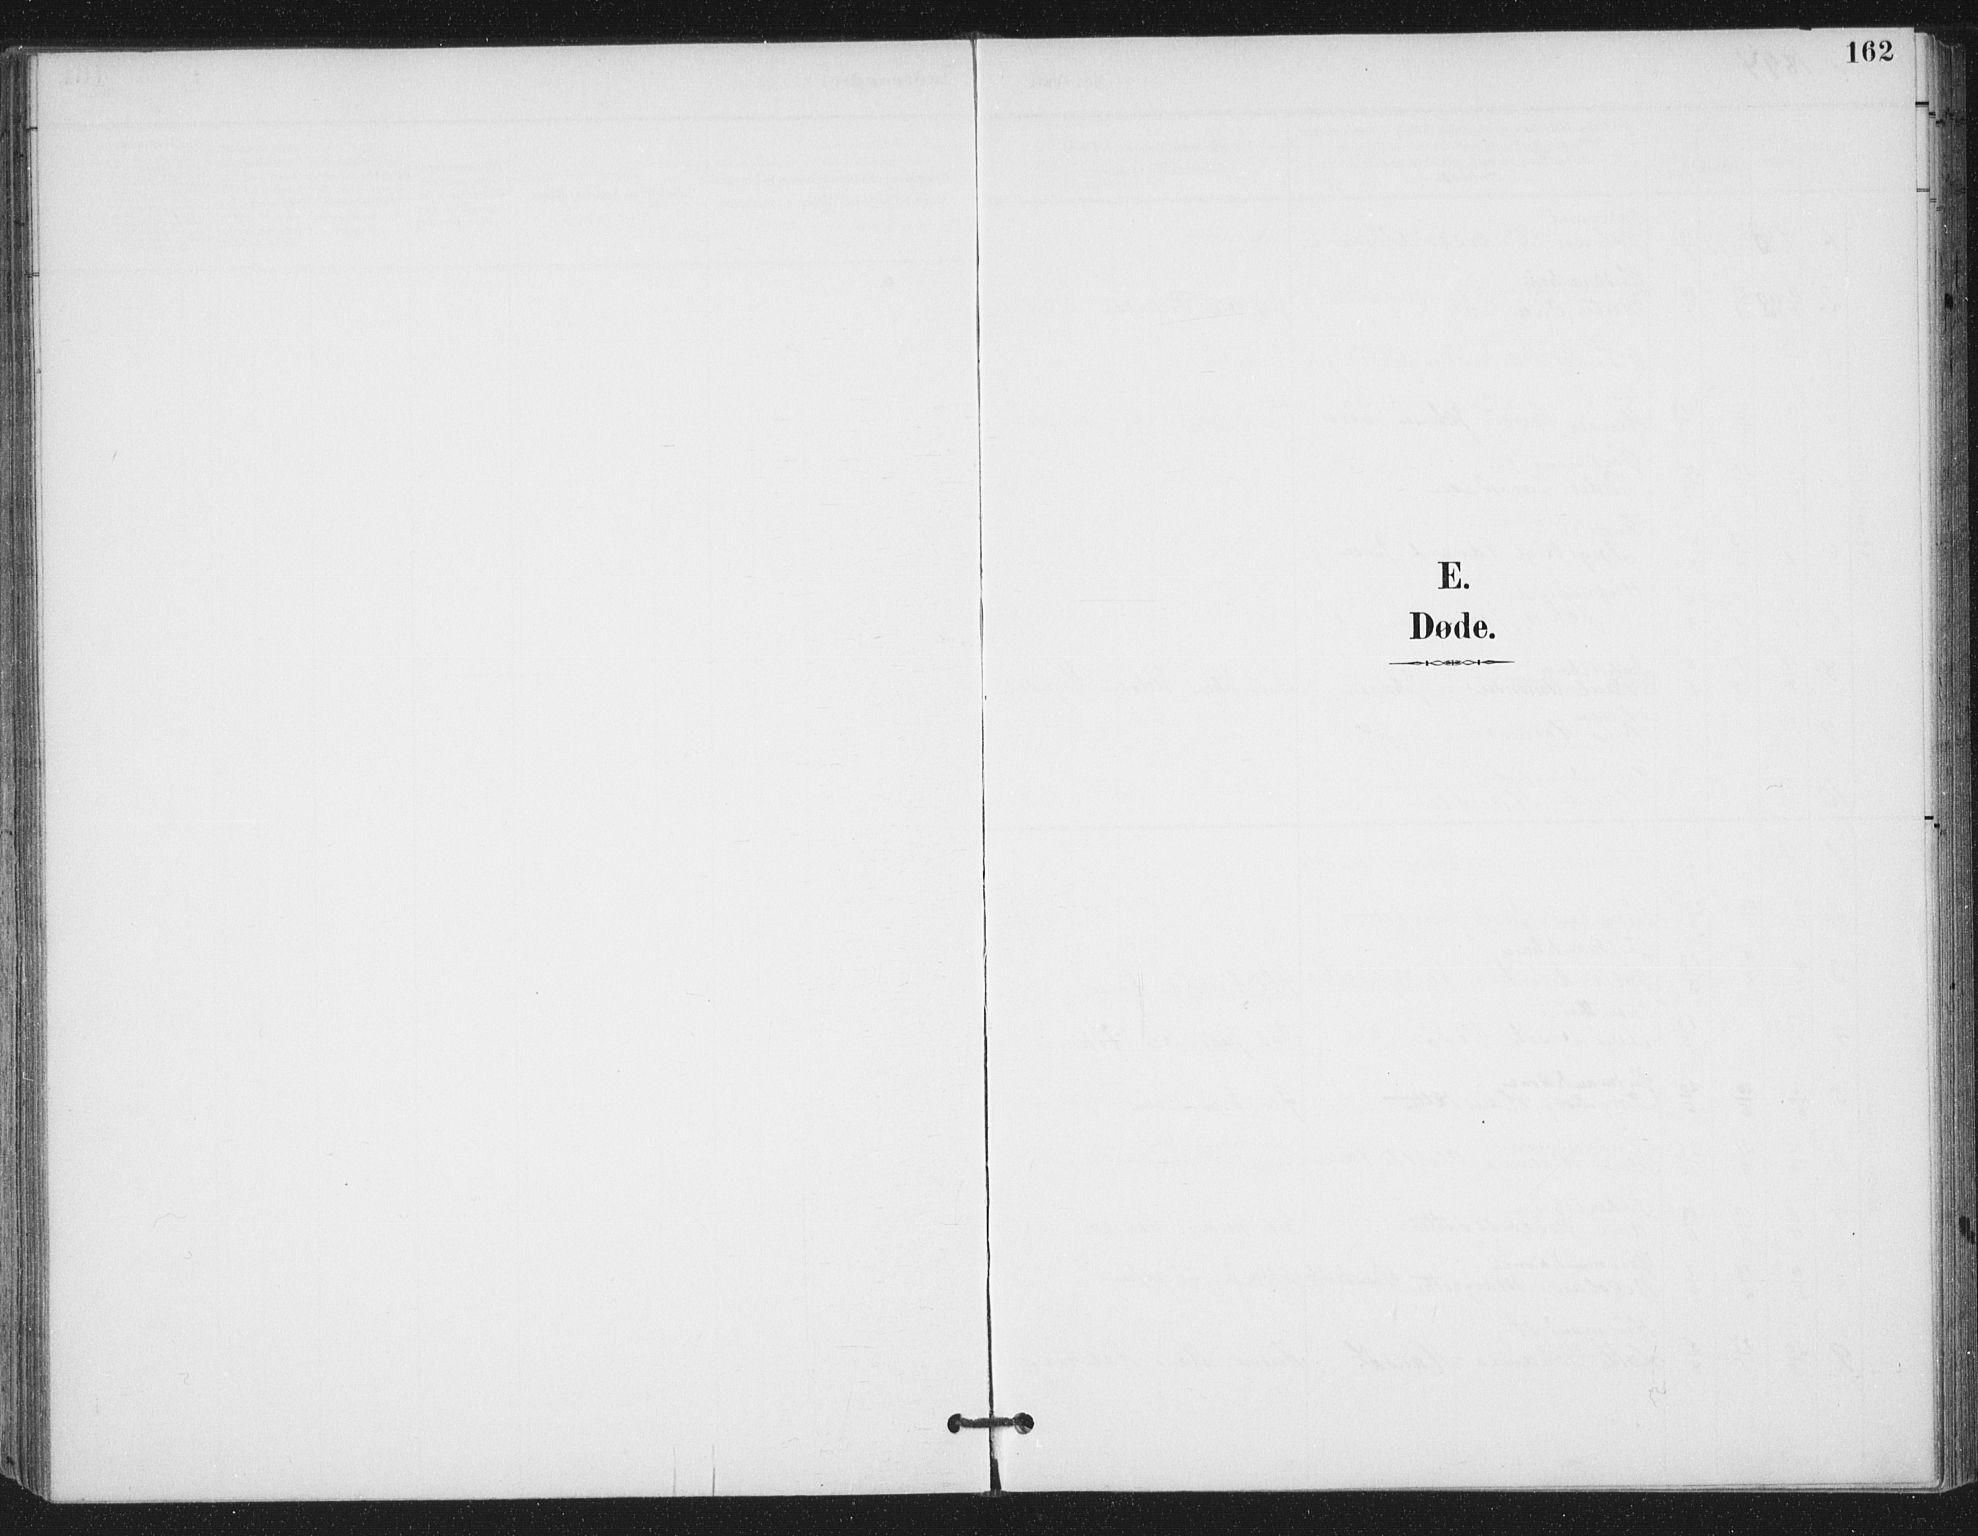 SAT, Ministerialprotokoller, klokkerbøker og fødselsregistre - Sør-Trøndelag, 657/L0708: Ministerialbok nr. 657A09, 1894-1904, s. 162